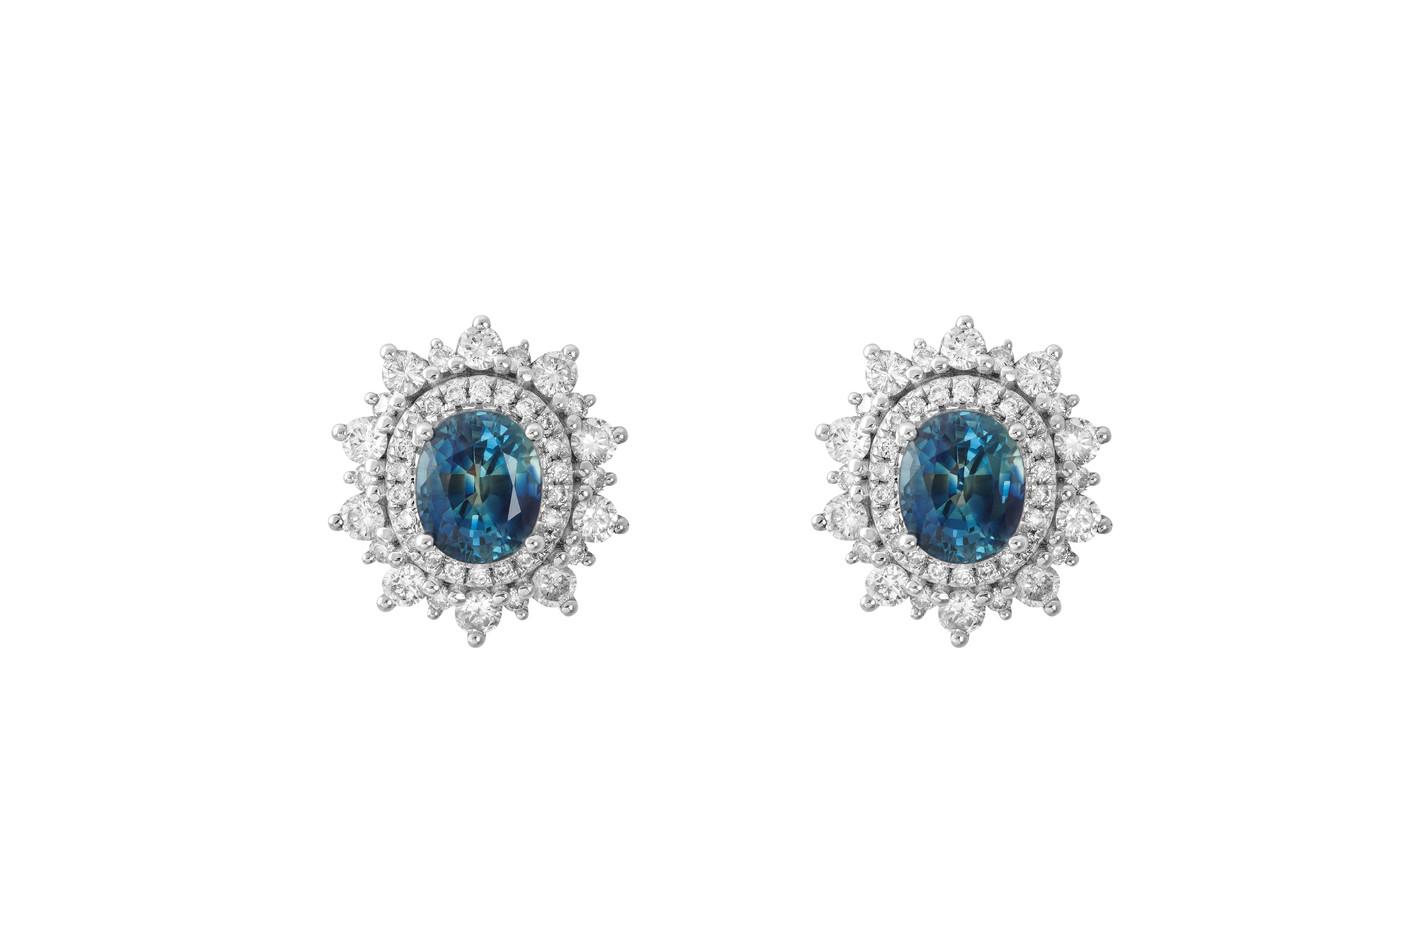 Brinco de diamantes com pedra azul